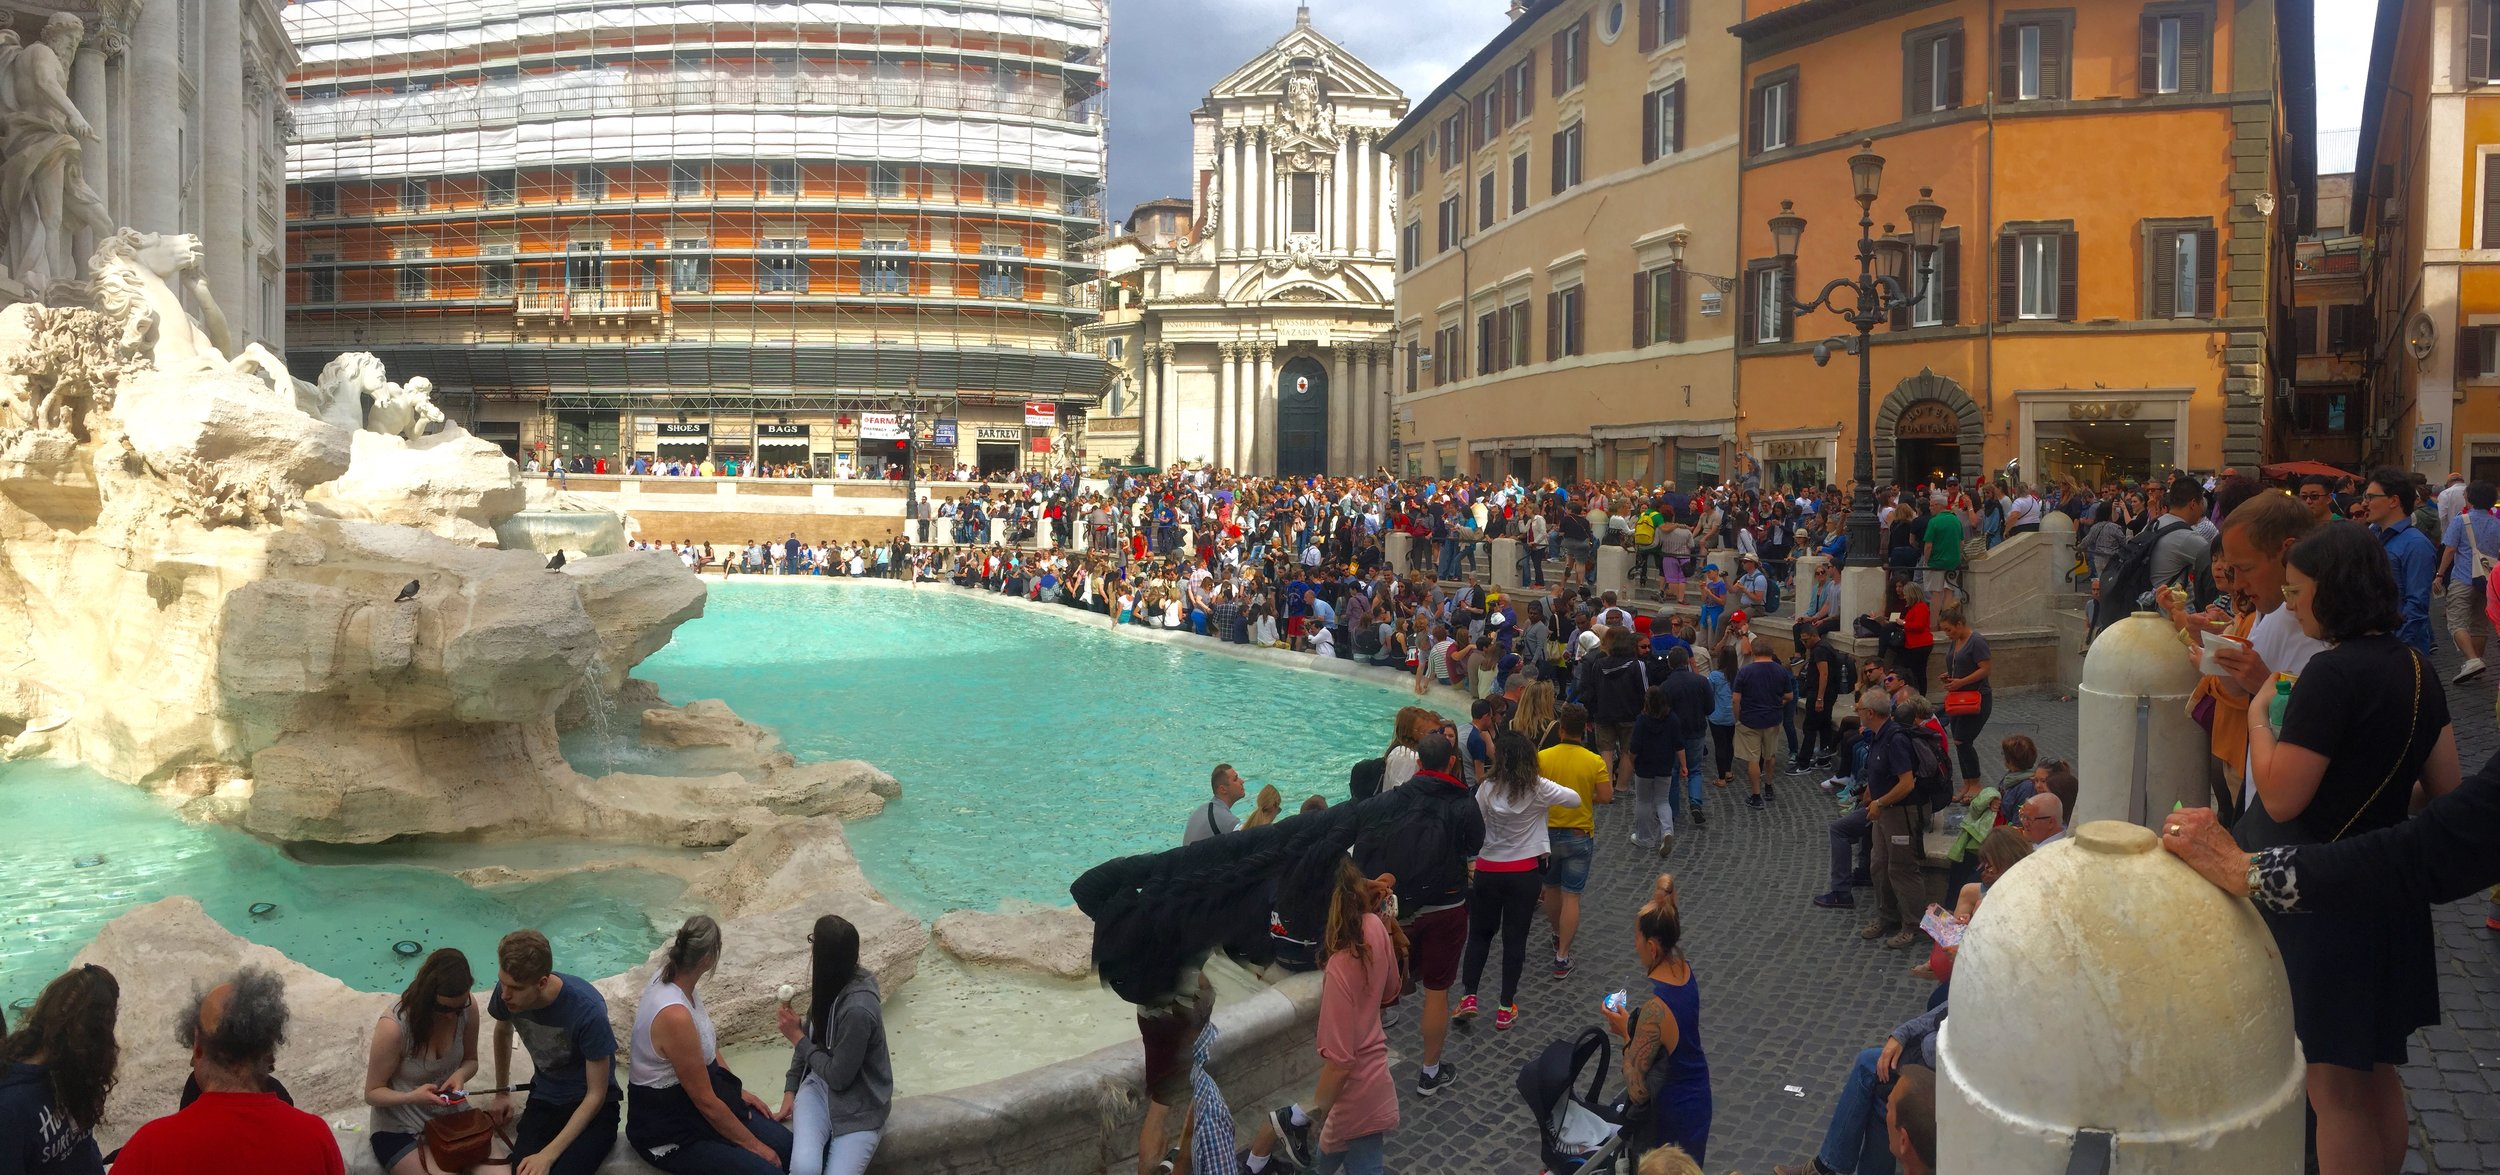 Nei, ikke bruk fontenene i Roma til bading.                  Foto: Odd Roar Lange